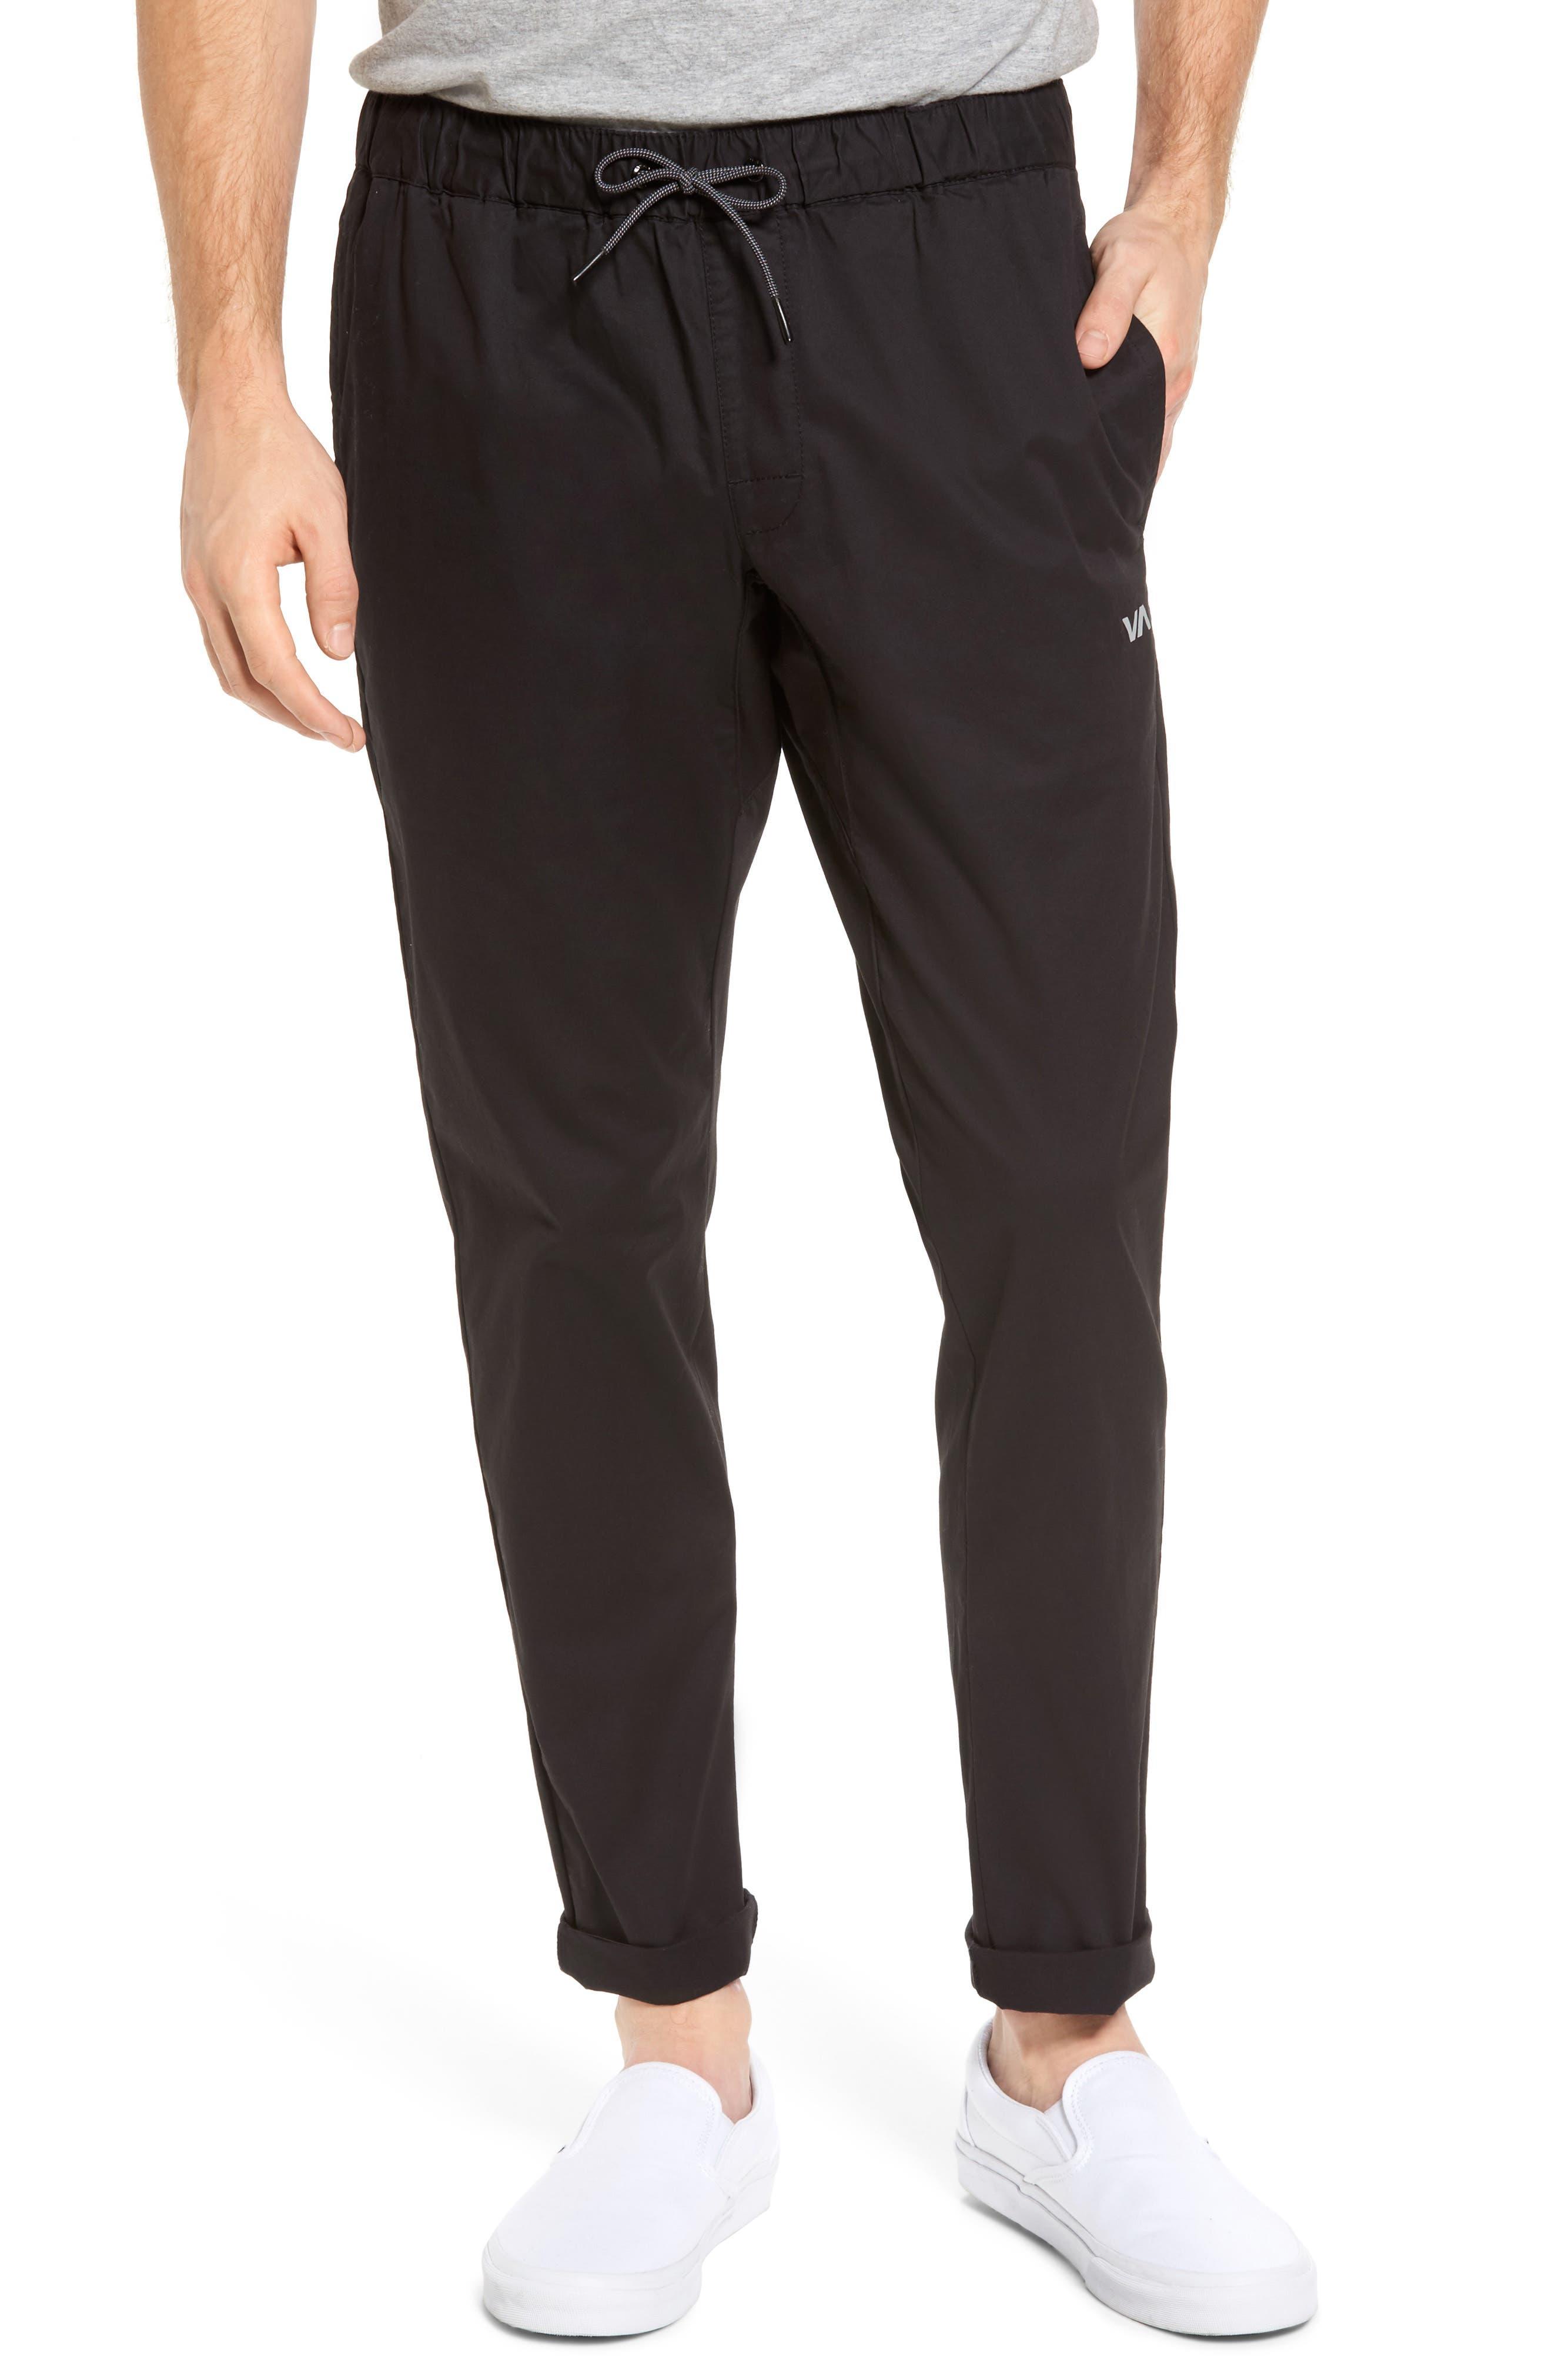 Spectrum Sport Pants,                             Main thumbnail 1, color,                             Black